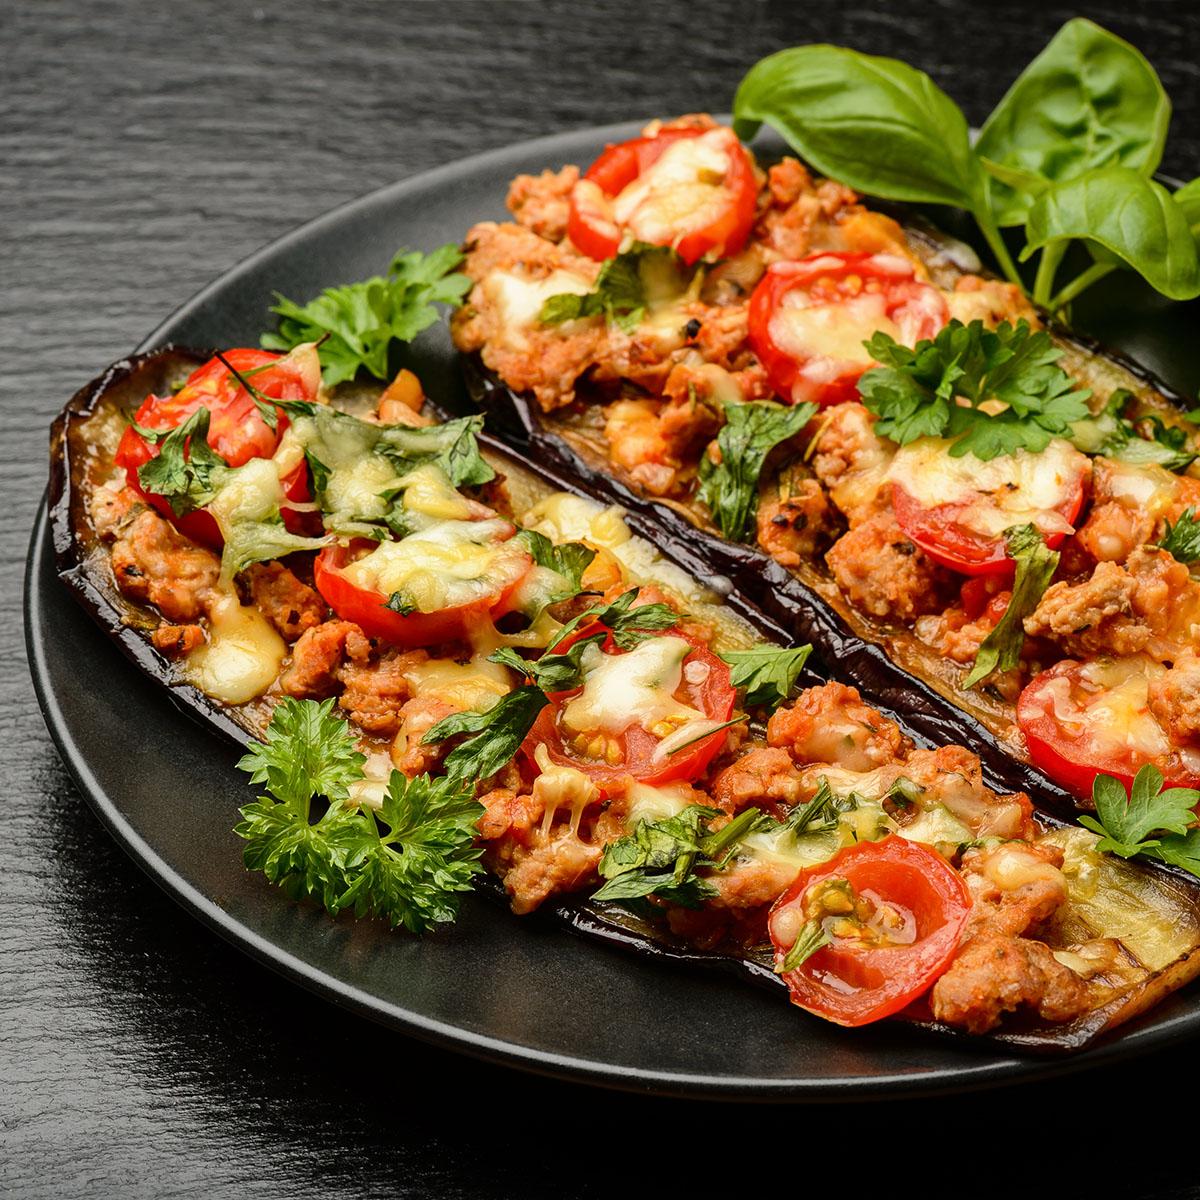 Баклажаны, запеченные с мясным фаршем, помидорами и сыром